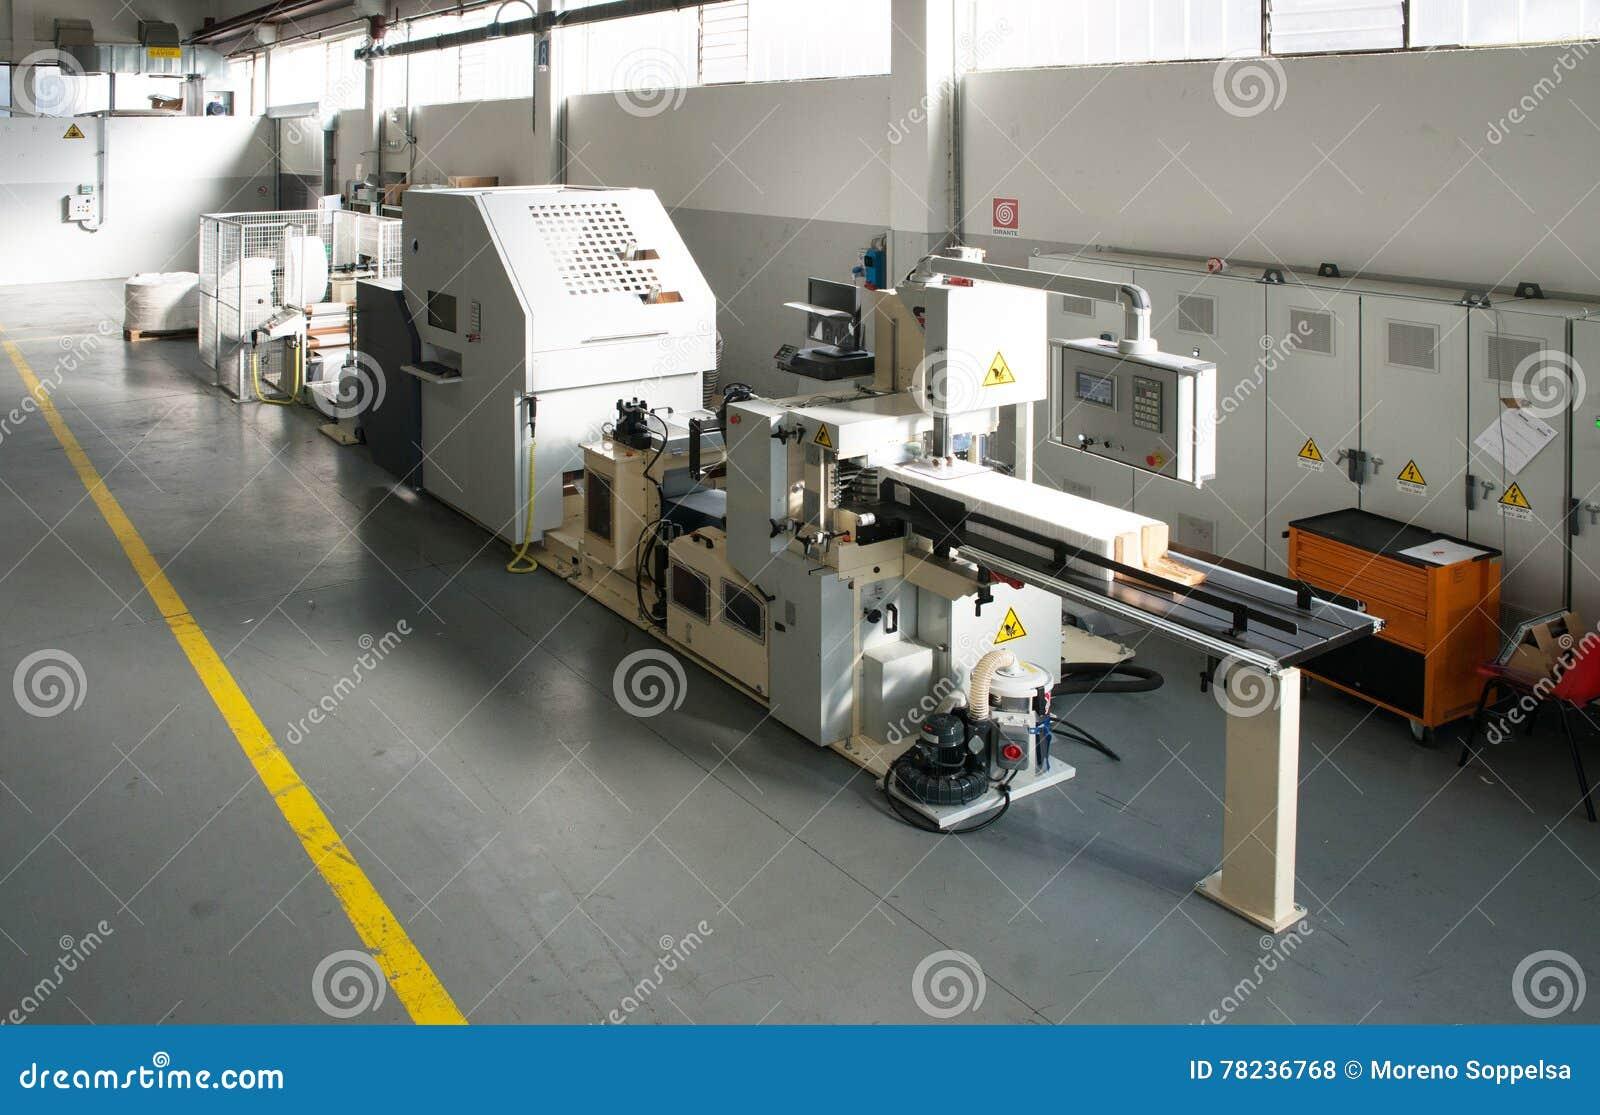 Torchio tipografico macchina per i tovaglioli di carta - Macchina per decorare carta ...